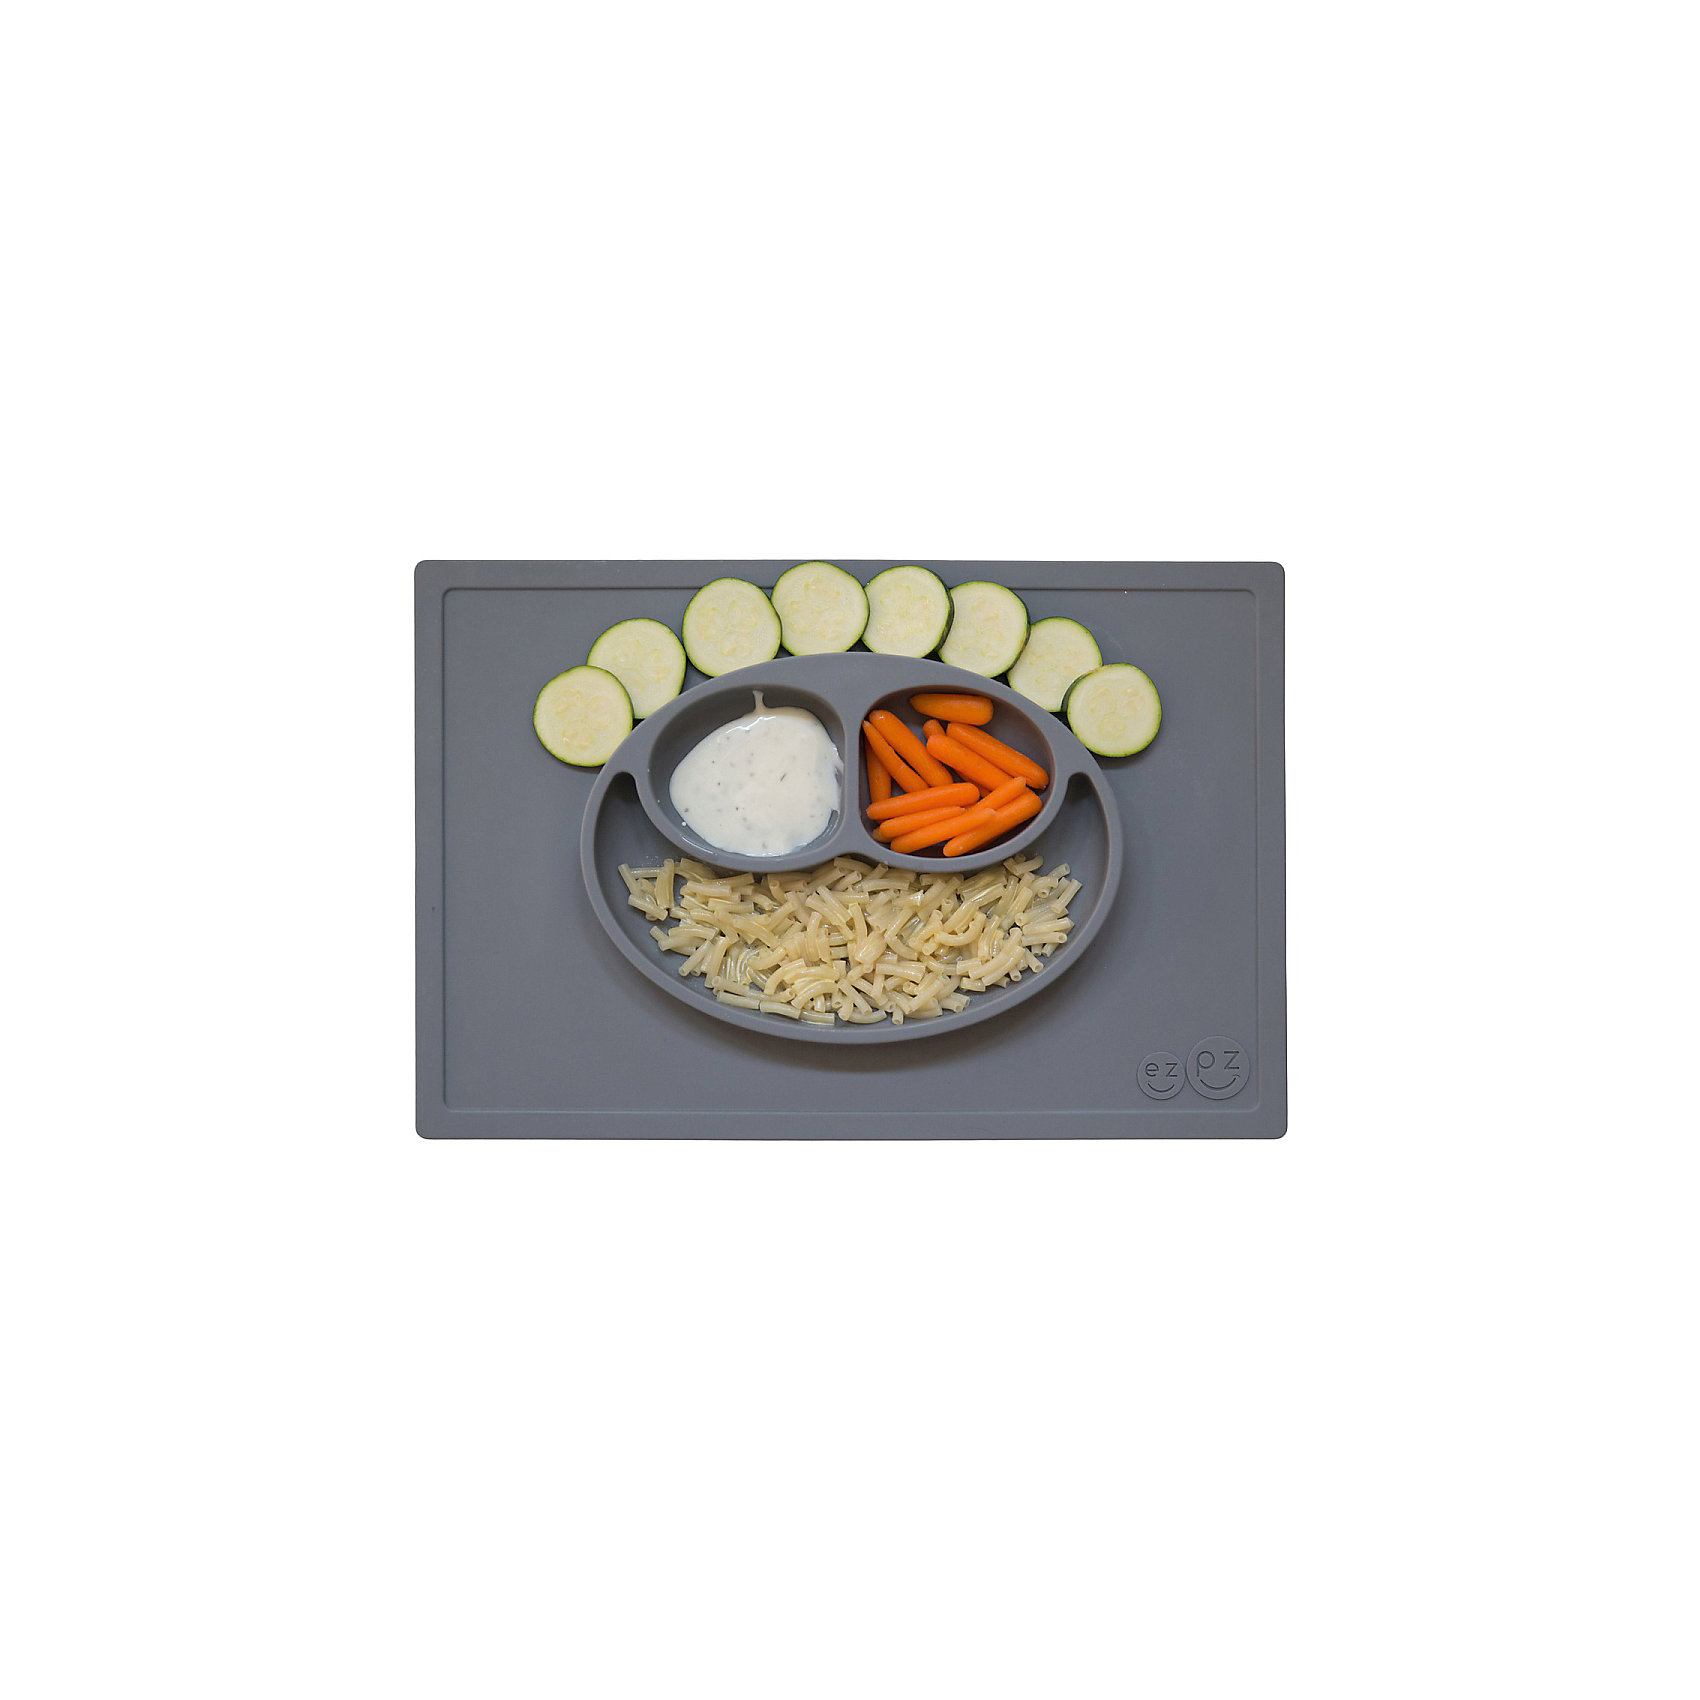 Тарелка трехсекционная с подставкой Happy Mat, 540 мл., ezpz, серыйПосуда для малышей<br>Тарелка с подставкой Happy Mat, ezpz, серый.<br><br>Характеристики:<br>• изготовлена из качественного пищевого силикона<br>• надежно крепится к столу<br>• сгибается по краям<br>• 3 отсека для еды<br>• подходит для посудомоечной машины и микроволновой печи<br>• не содержит бисфенол, свинец, фталаты, поливинилхлорид<br>• приятный дизайн<br>• состав: 100% силикон<br>• размер: 38х25,5х3 см<br>• объем: 540 мл<br>• цвет: серый<br><br>Тарелка с подставкой Happy Mat, ezpz пригодится, если в доме живут маленькие непоседы. Тарелка имеет 3 глубоких отсека, что позволяет подавать еду раздельно. Вы сможете одновременно подать к столу мясо, гарнир и фрукты, не пачкая лишнюю посуду. Дно тарелки надежно крепится к плоской поверхности - вы можете не переживать, что малыш опрокинет еду и обожжется. Приятный дизайн тарелки понравится ребенку, и он обязательно будет есть с аппетитом!<br><br>Тарелку с подставкой Happy Mat, ezpz, серый можно купить в нашем интернет-магазине.<br><br>Ширина мм: 380<br>Глубина мм: 25<br>Высота мм: 255<br>Вес г: 701<br>Возраст от месяцев: 0<br>Возраст до месяцев: 36<br>Пол: Унисекс<br>Возраст: Детский<br>SKU: 5068703